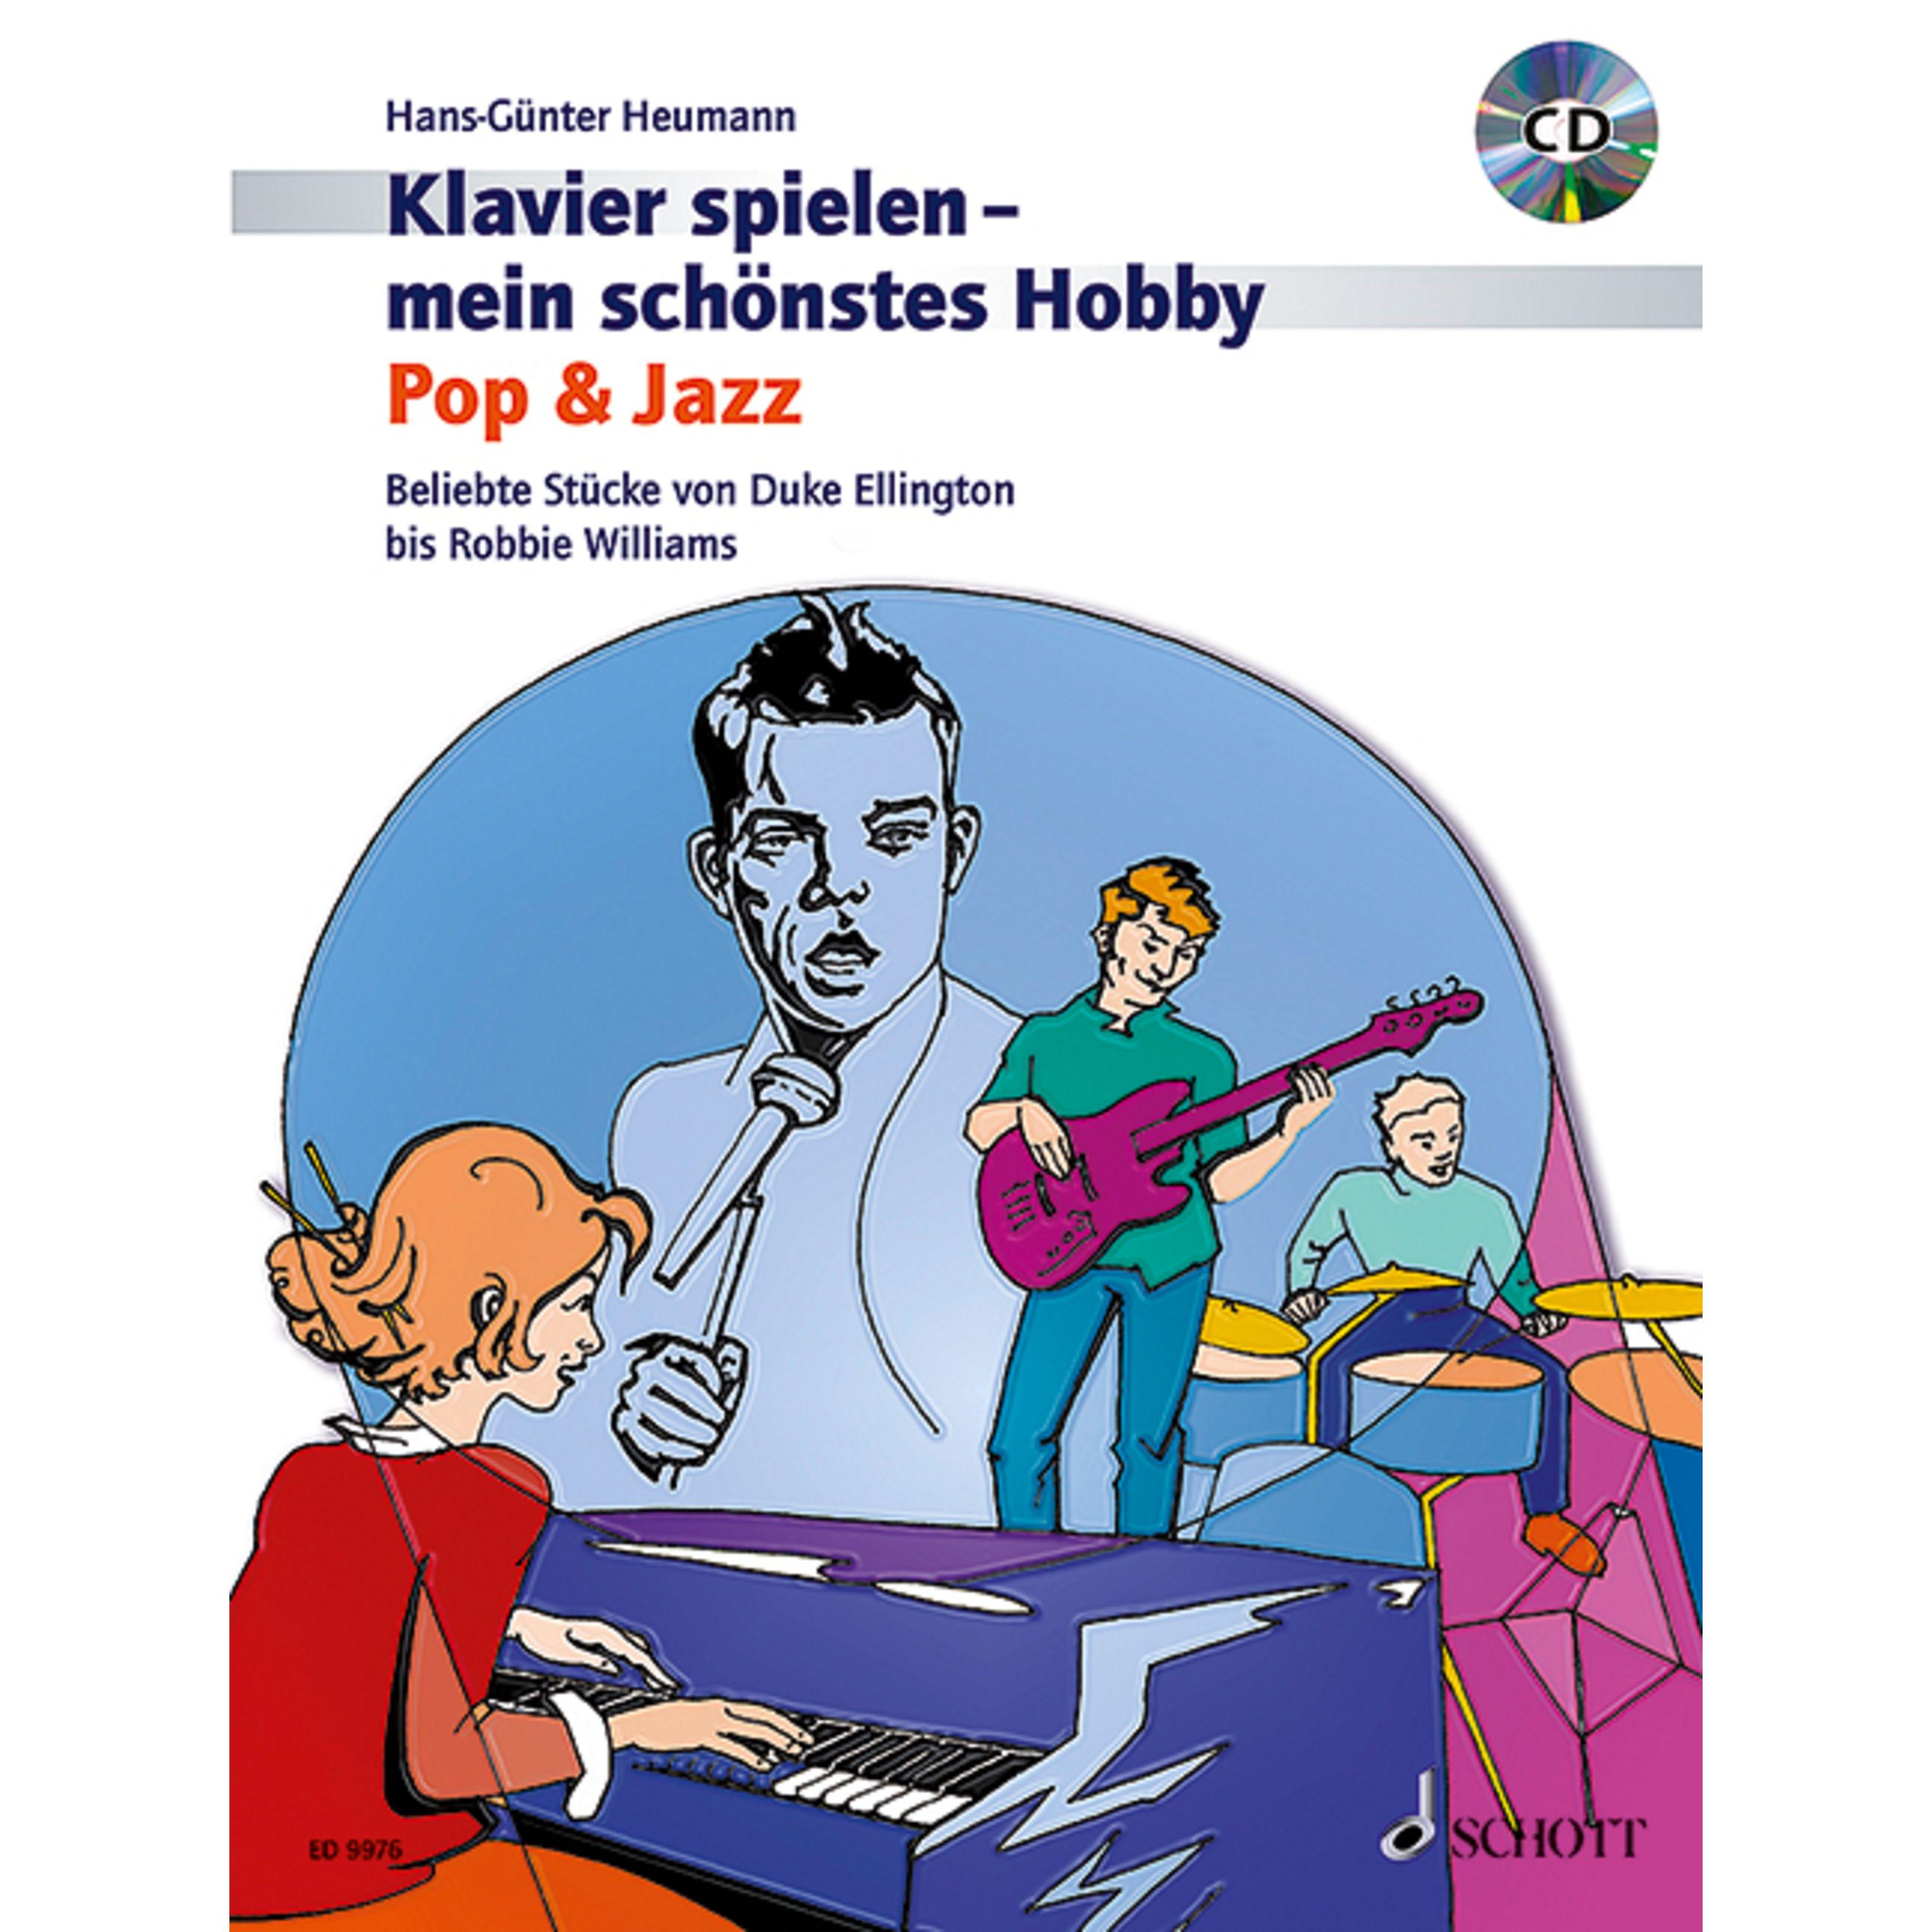 Schott Music - Pop & Jazz Heumann, Klavier mein Hobby ED 9976